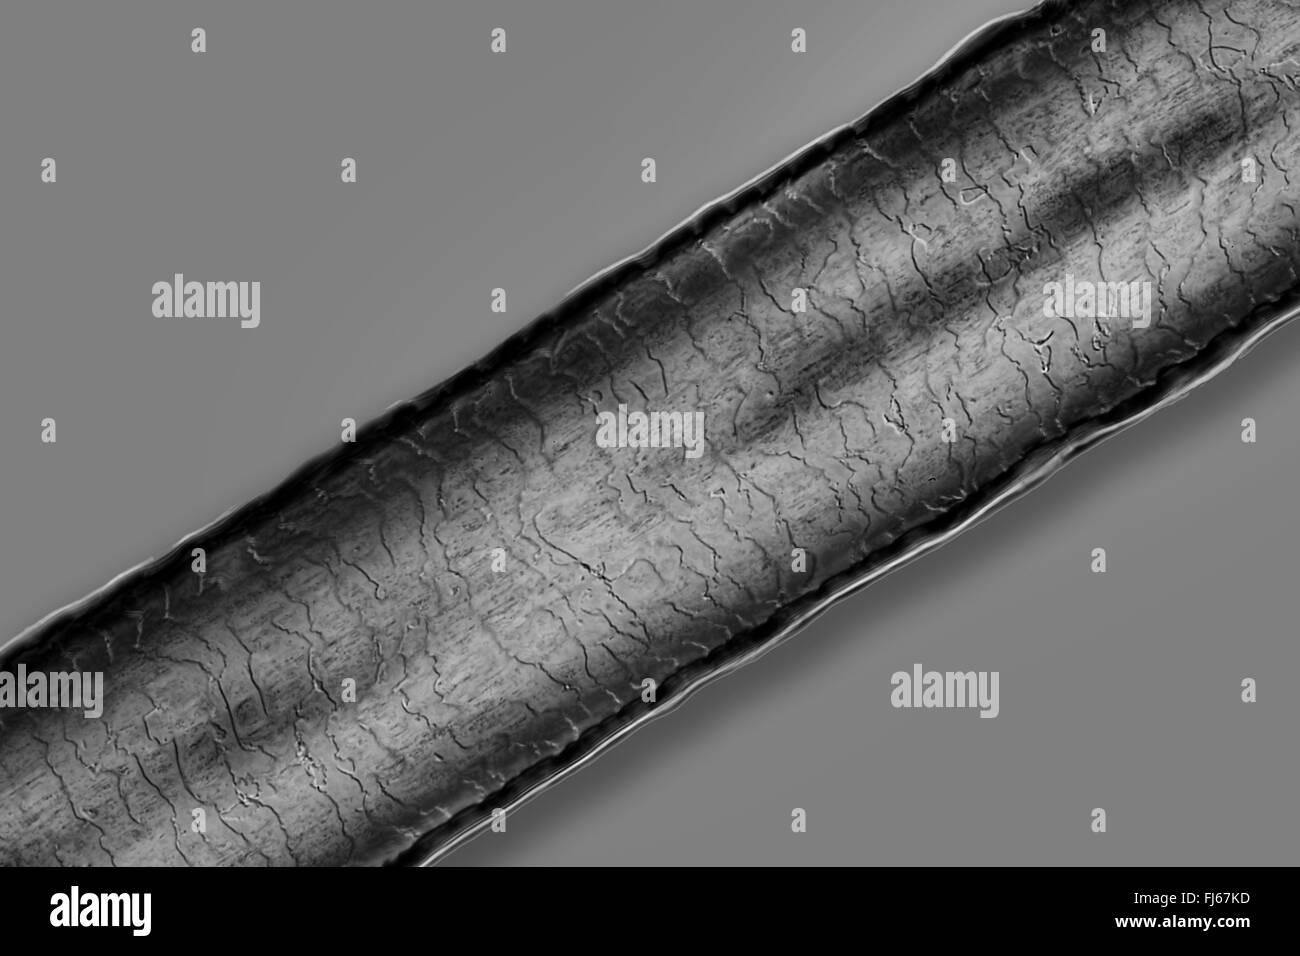 Personas, seres humanos, seres humanos (Homo sapiens sapiens), cabello humano, microscópico Imagen De Stock